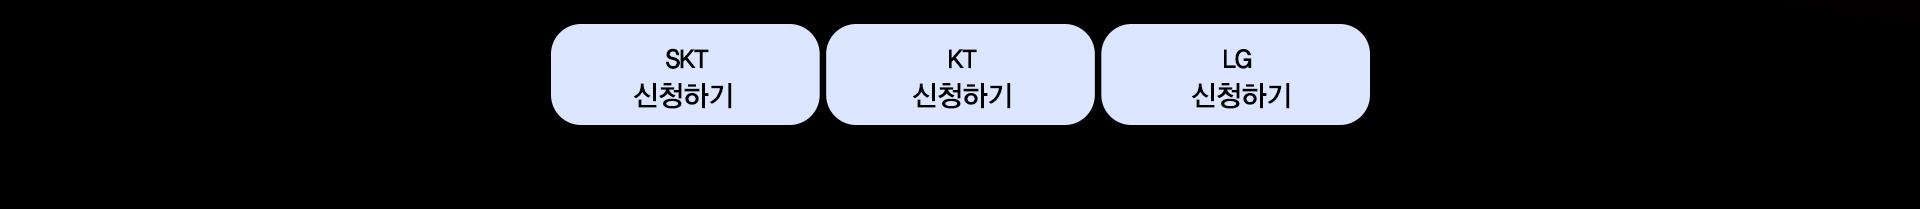 갤럭시s10 갤럭시s10엑스 갤럭시s10플러스 갤럭시s10라이트 사전예약 SK KT LG 신청하기